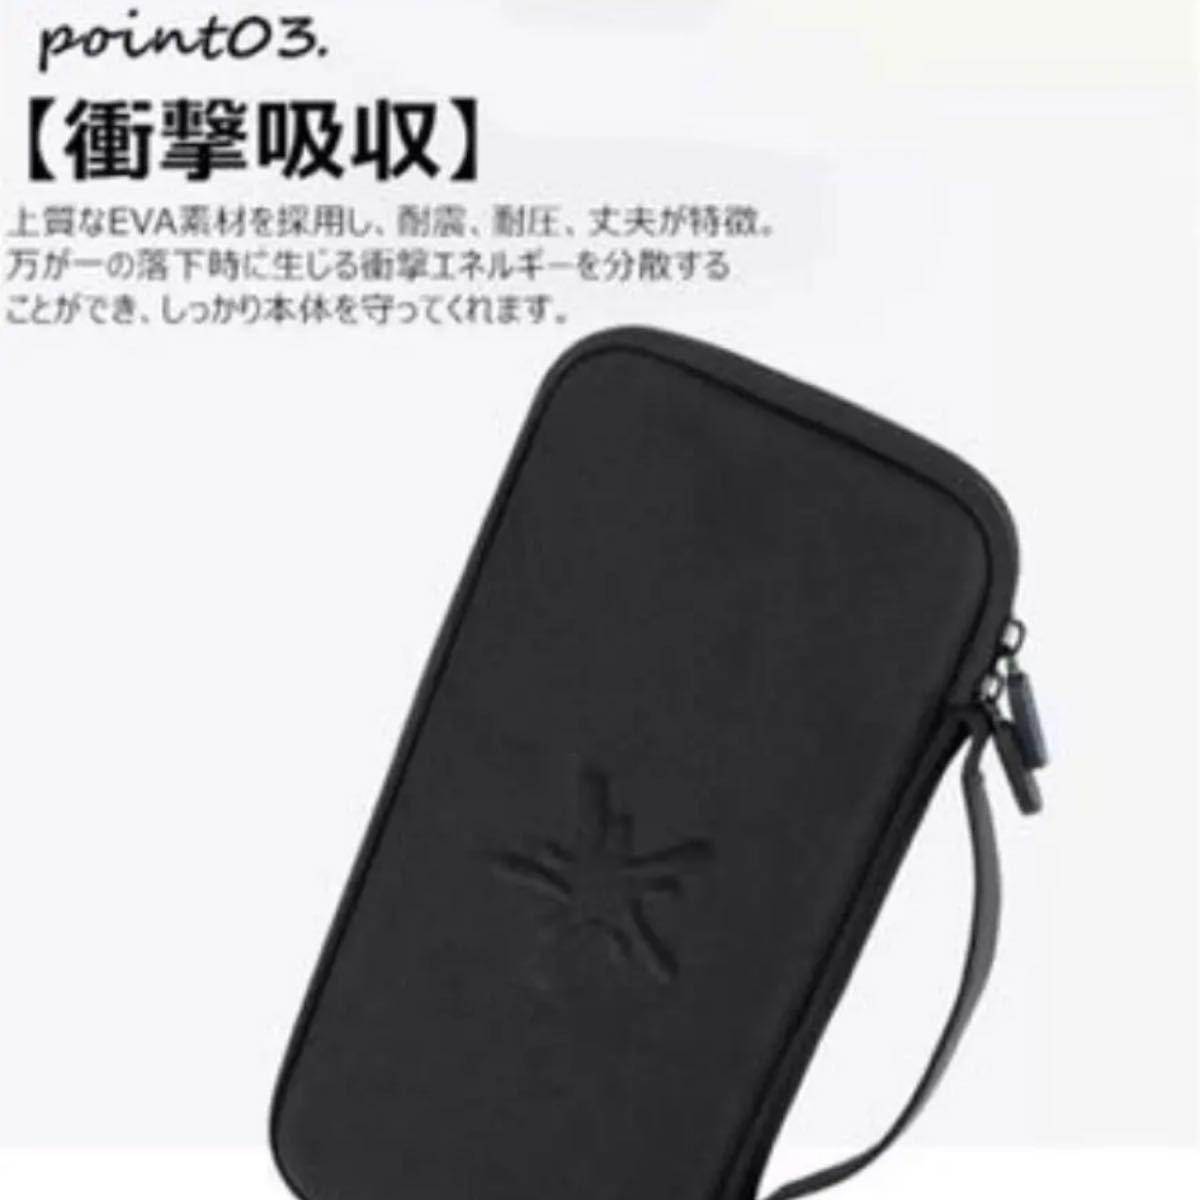 任天堂 ニンテンドー スイッチ スイッチライト ケース カバー Nintendo switch 収納カバー 収納バッグ